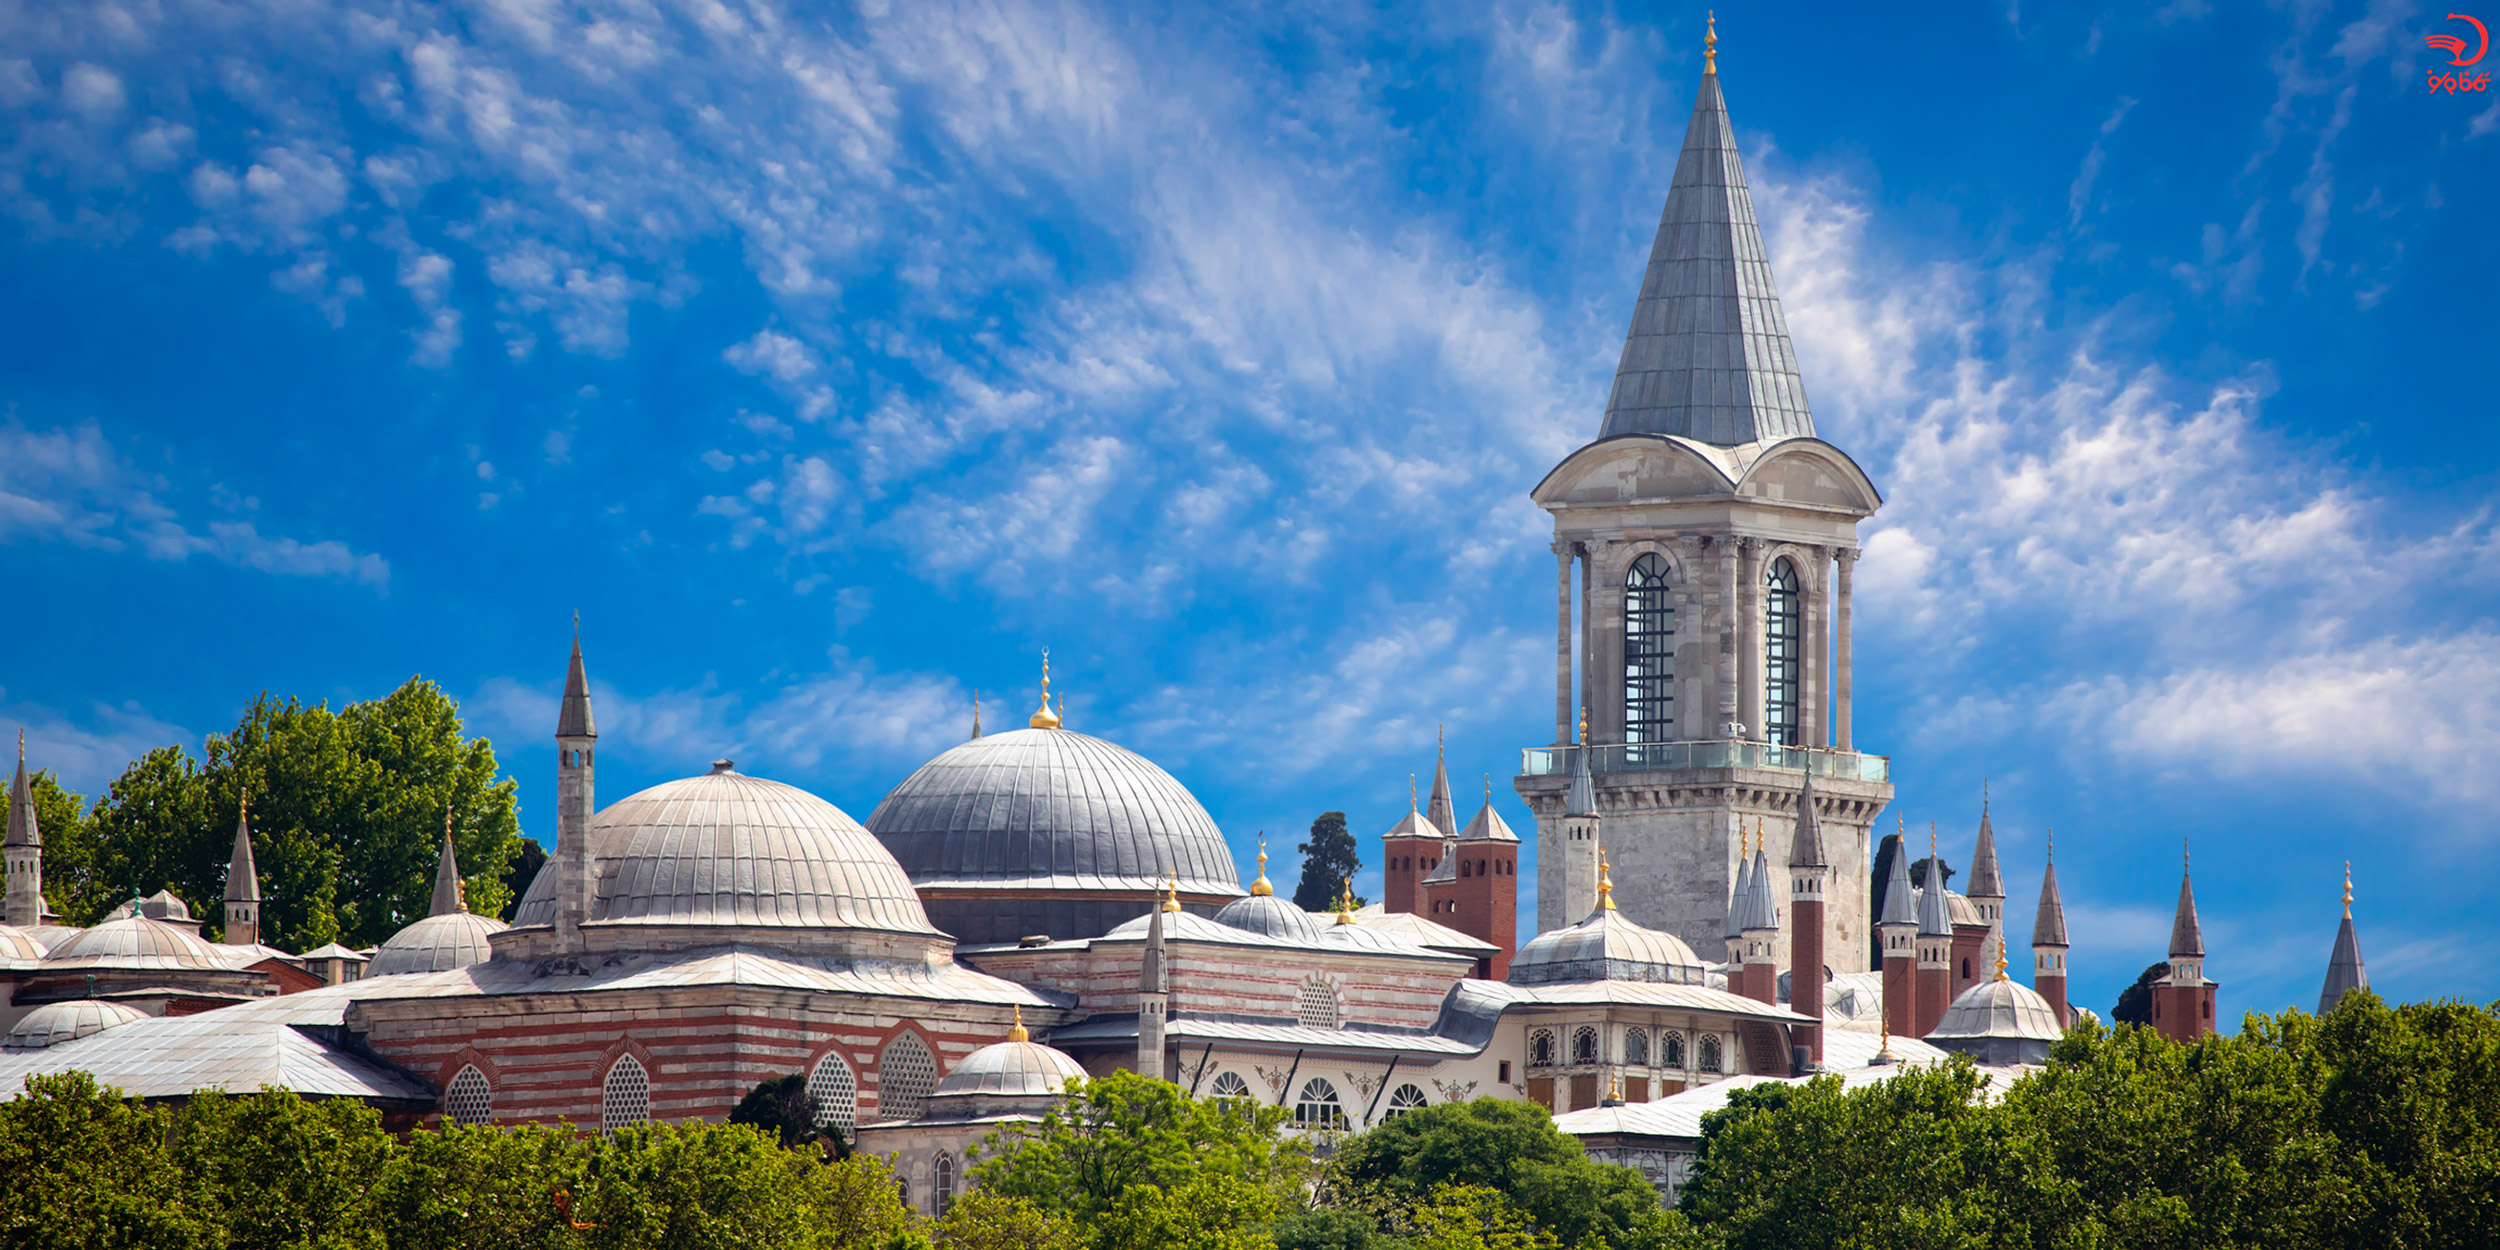 کاخ توپکاپی، استانبول، ترکیه